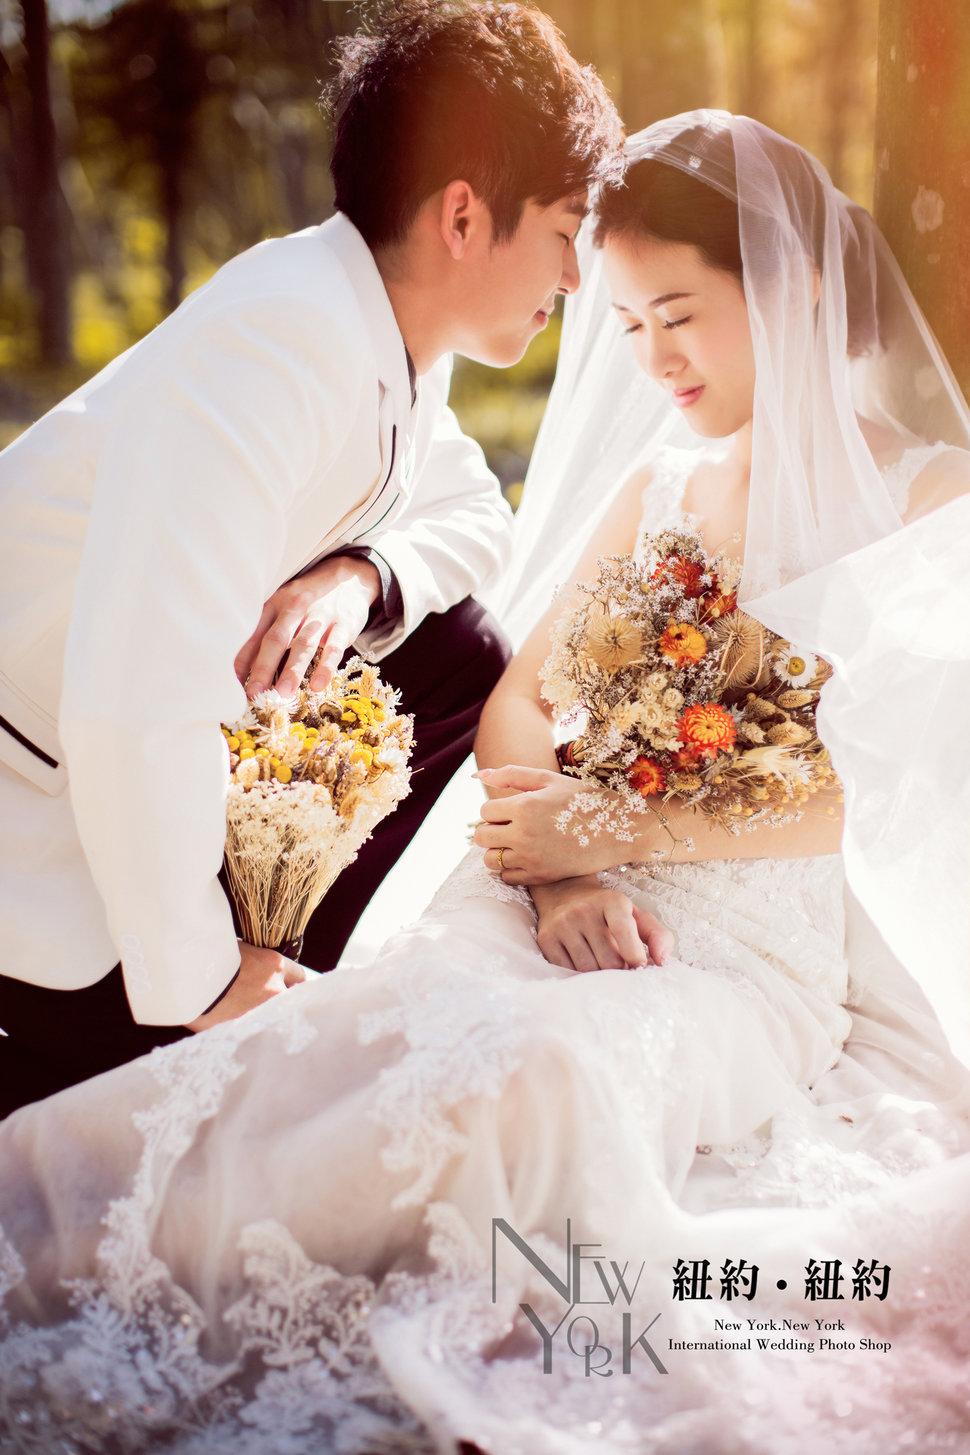 【新人作品│晟皓&妙莉】(編號:431636) - 紐約紐約國際婚紗攝影館 - 嘉義 - 結婚吧一站式婚禮服務平台